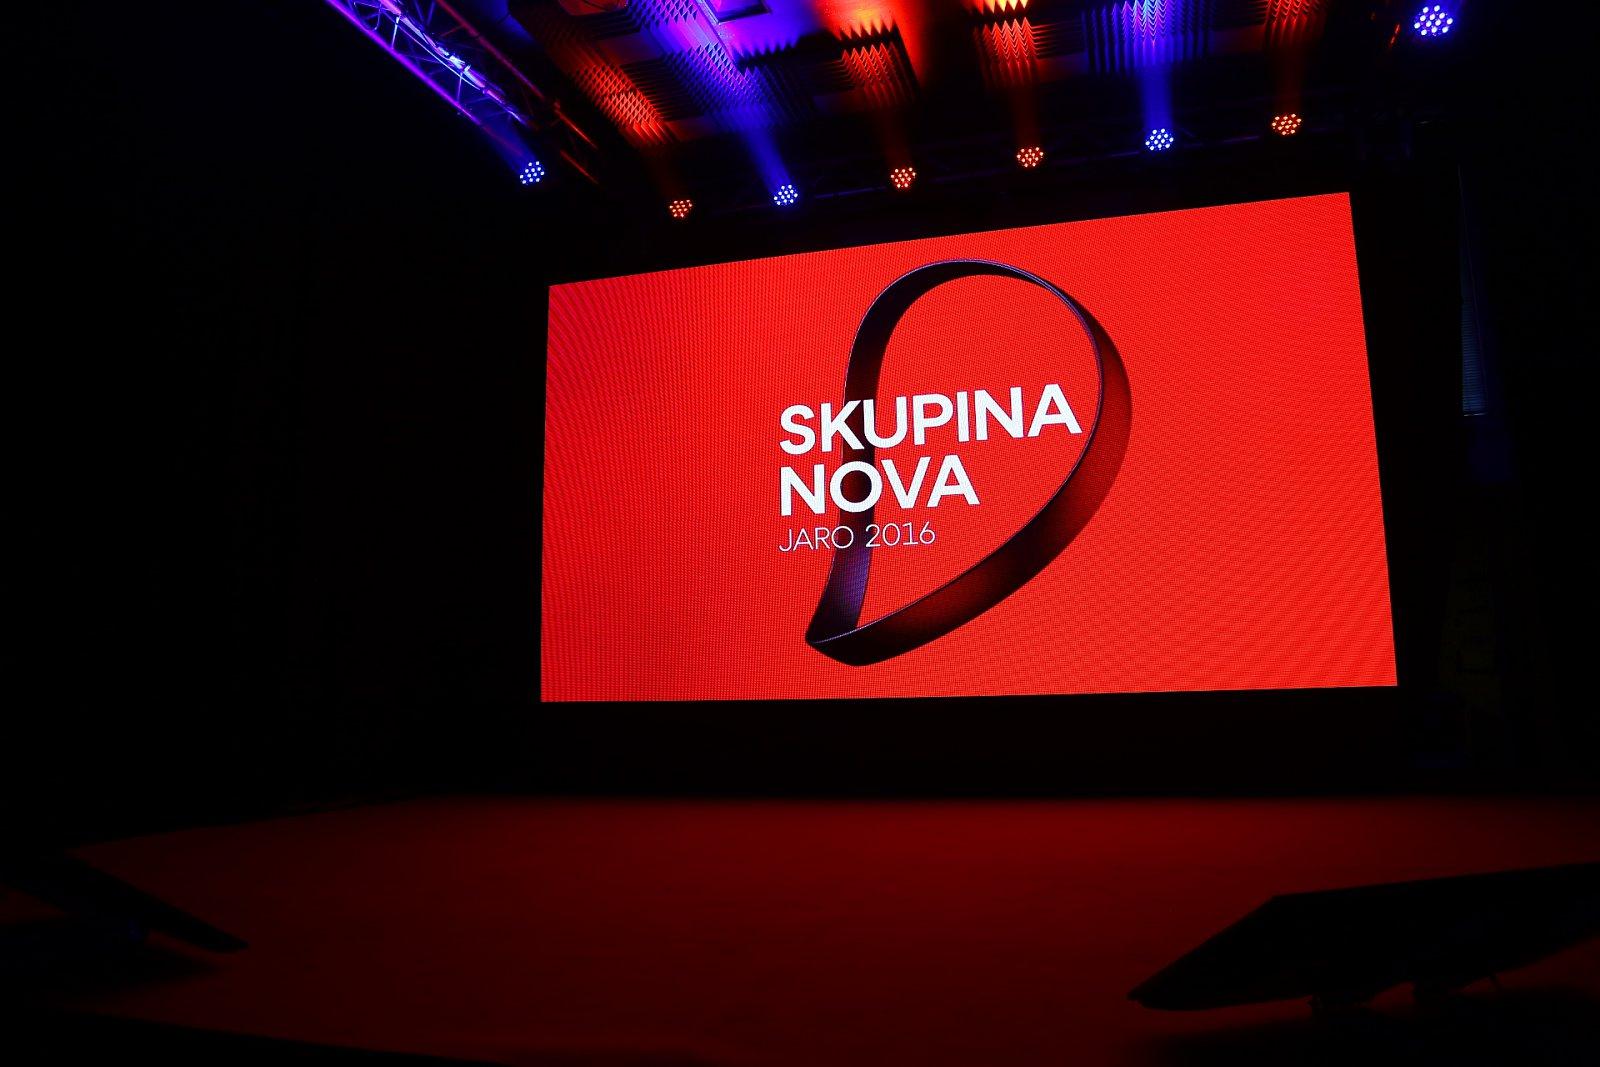 Tisková konference televize Nova - jaro 2016